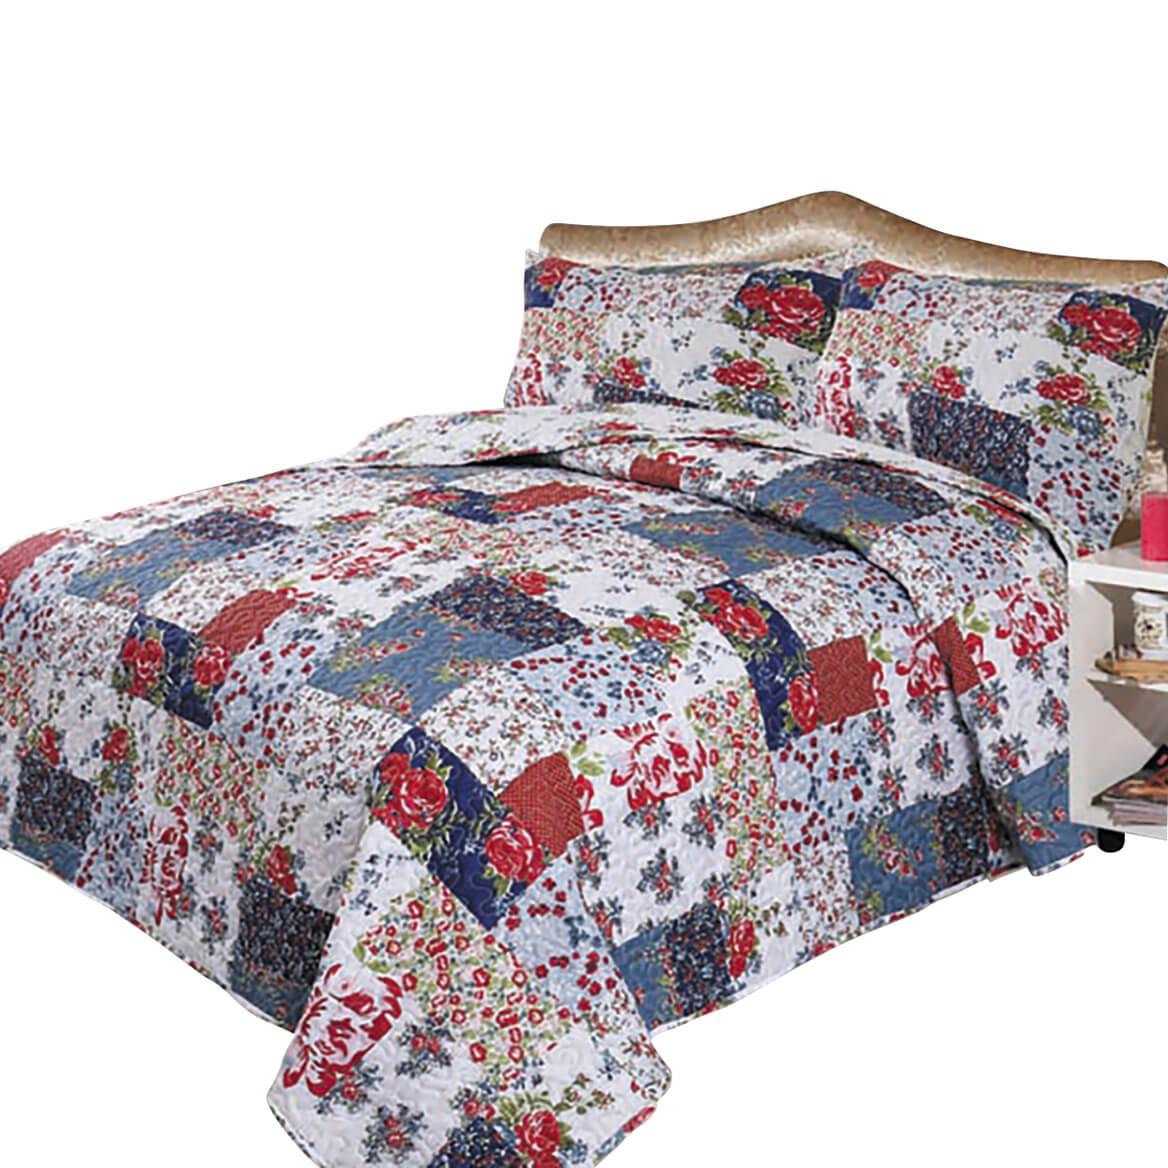 Easton 3-Pc. Quilt Set-371515